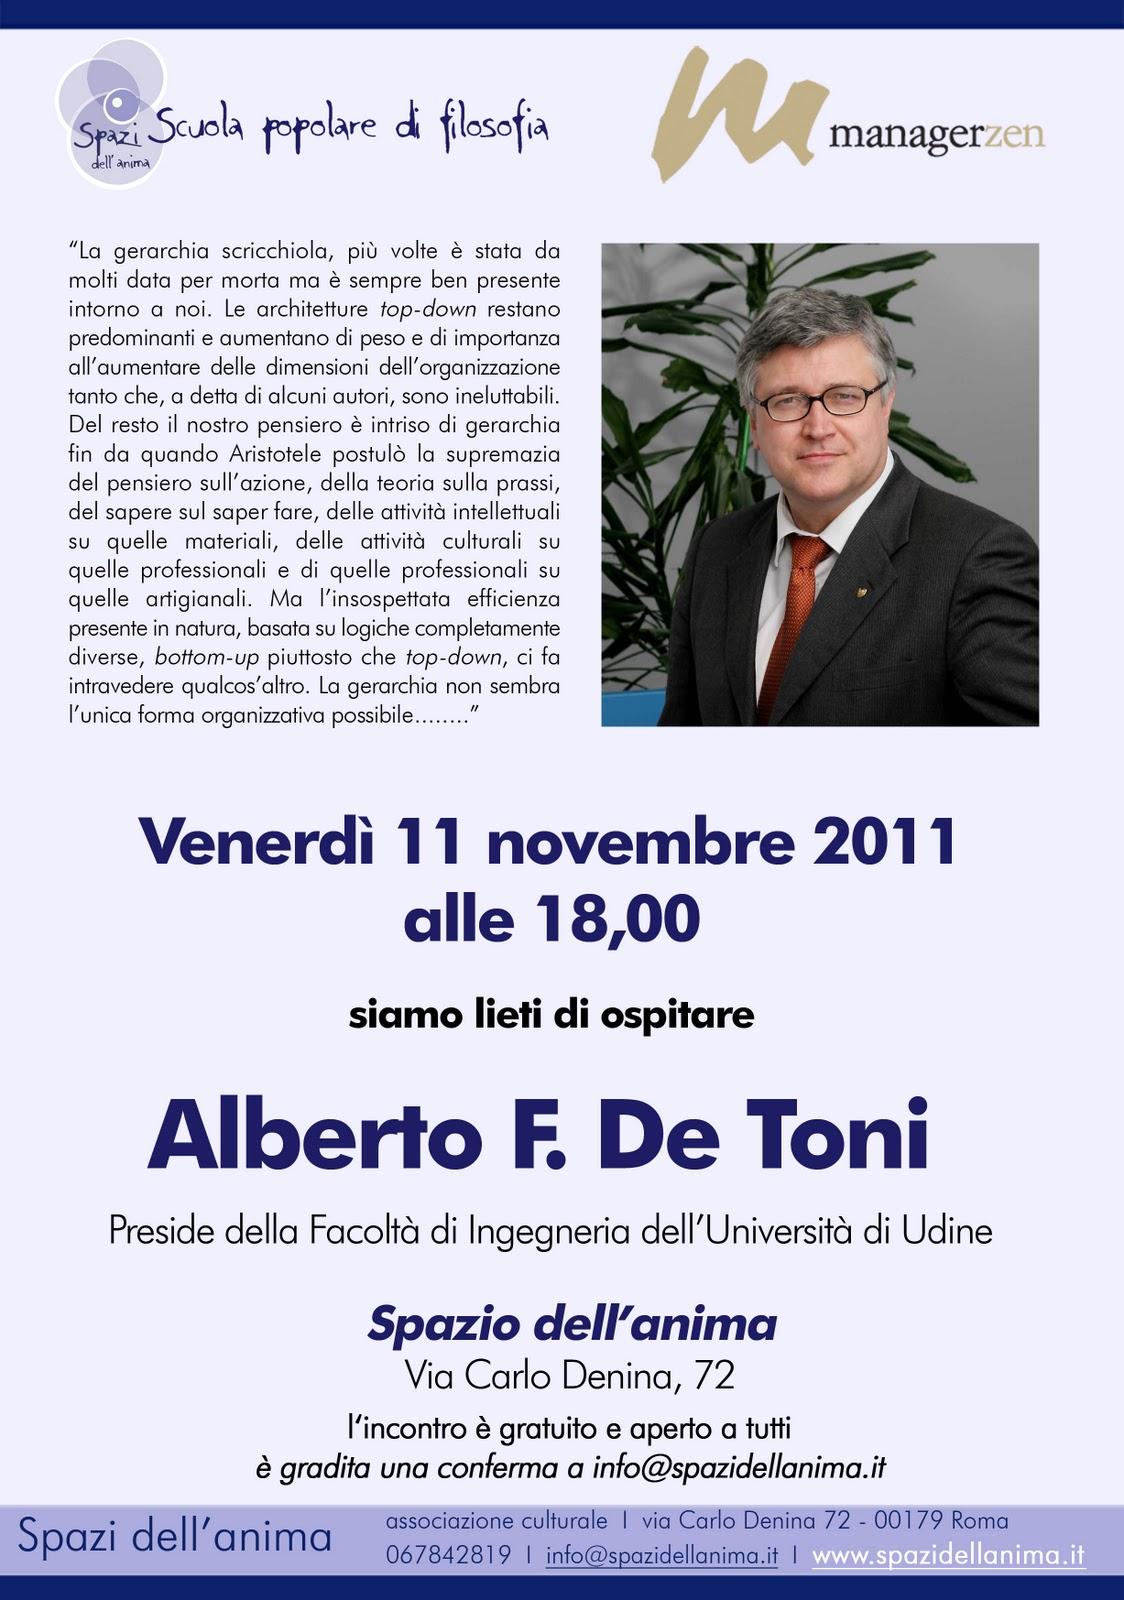 Alberto De Toni